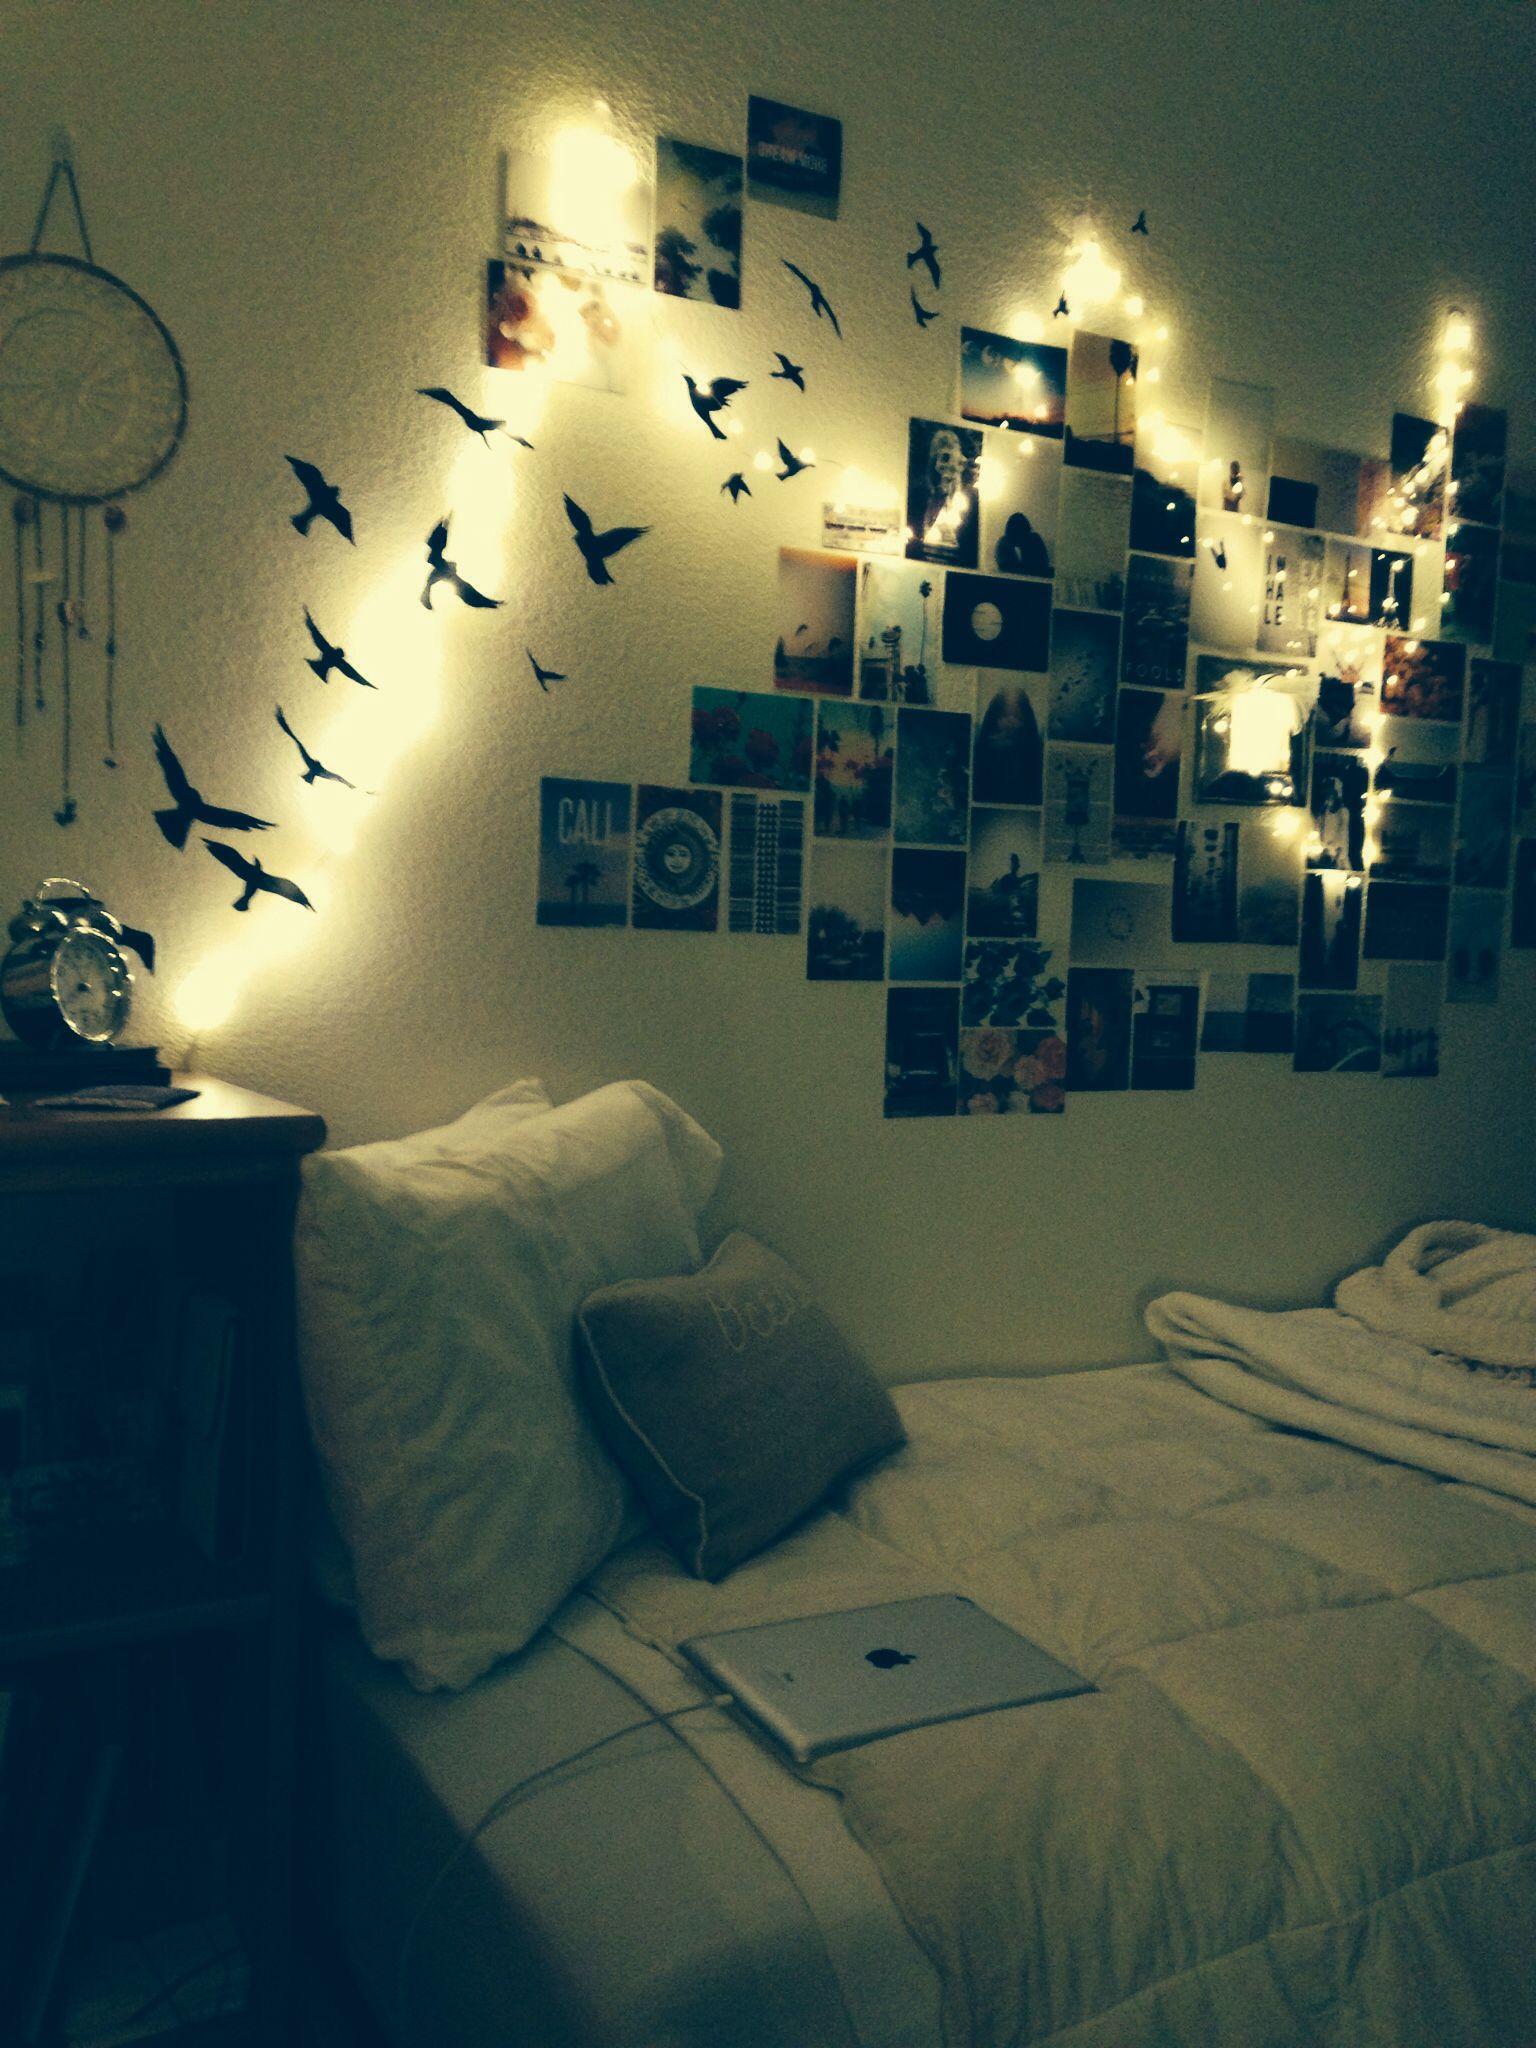 Dorm decor lights - Para Que Se Vea Hermoso